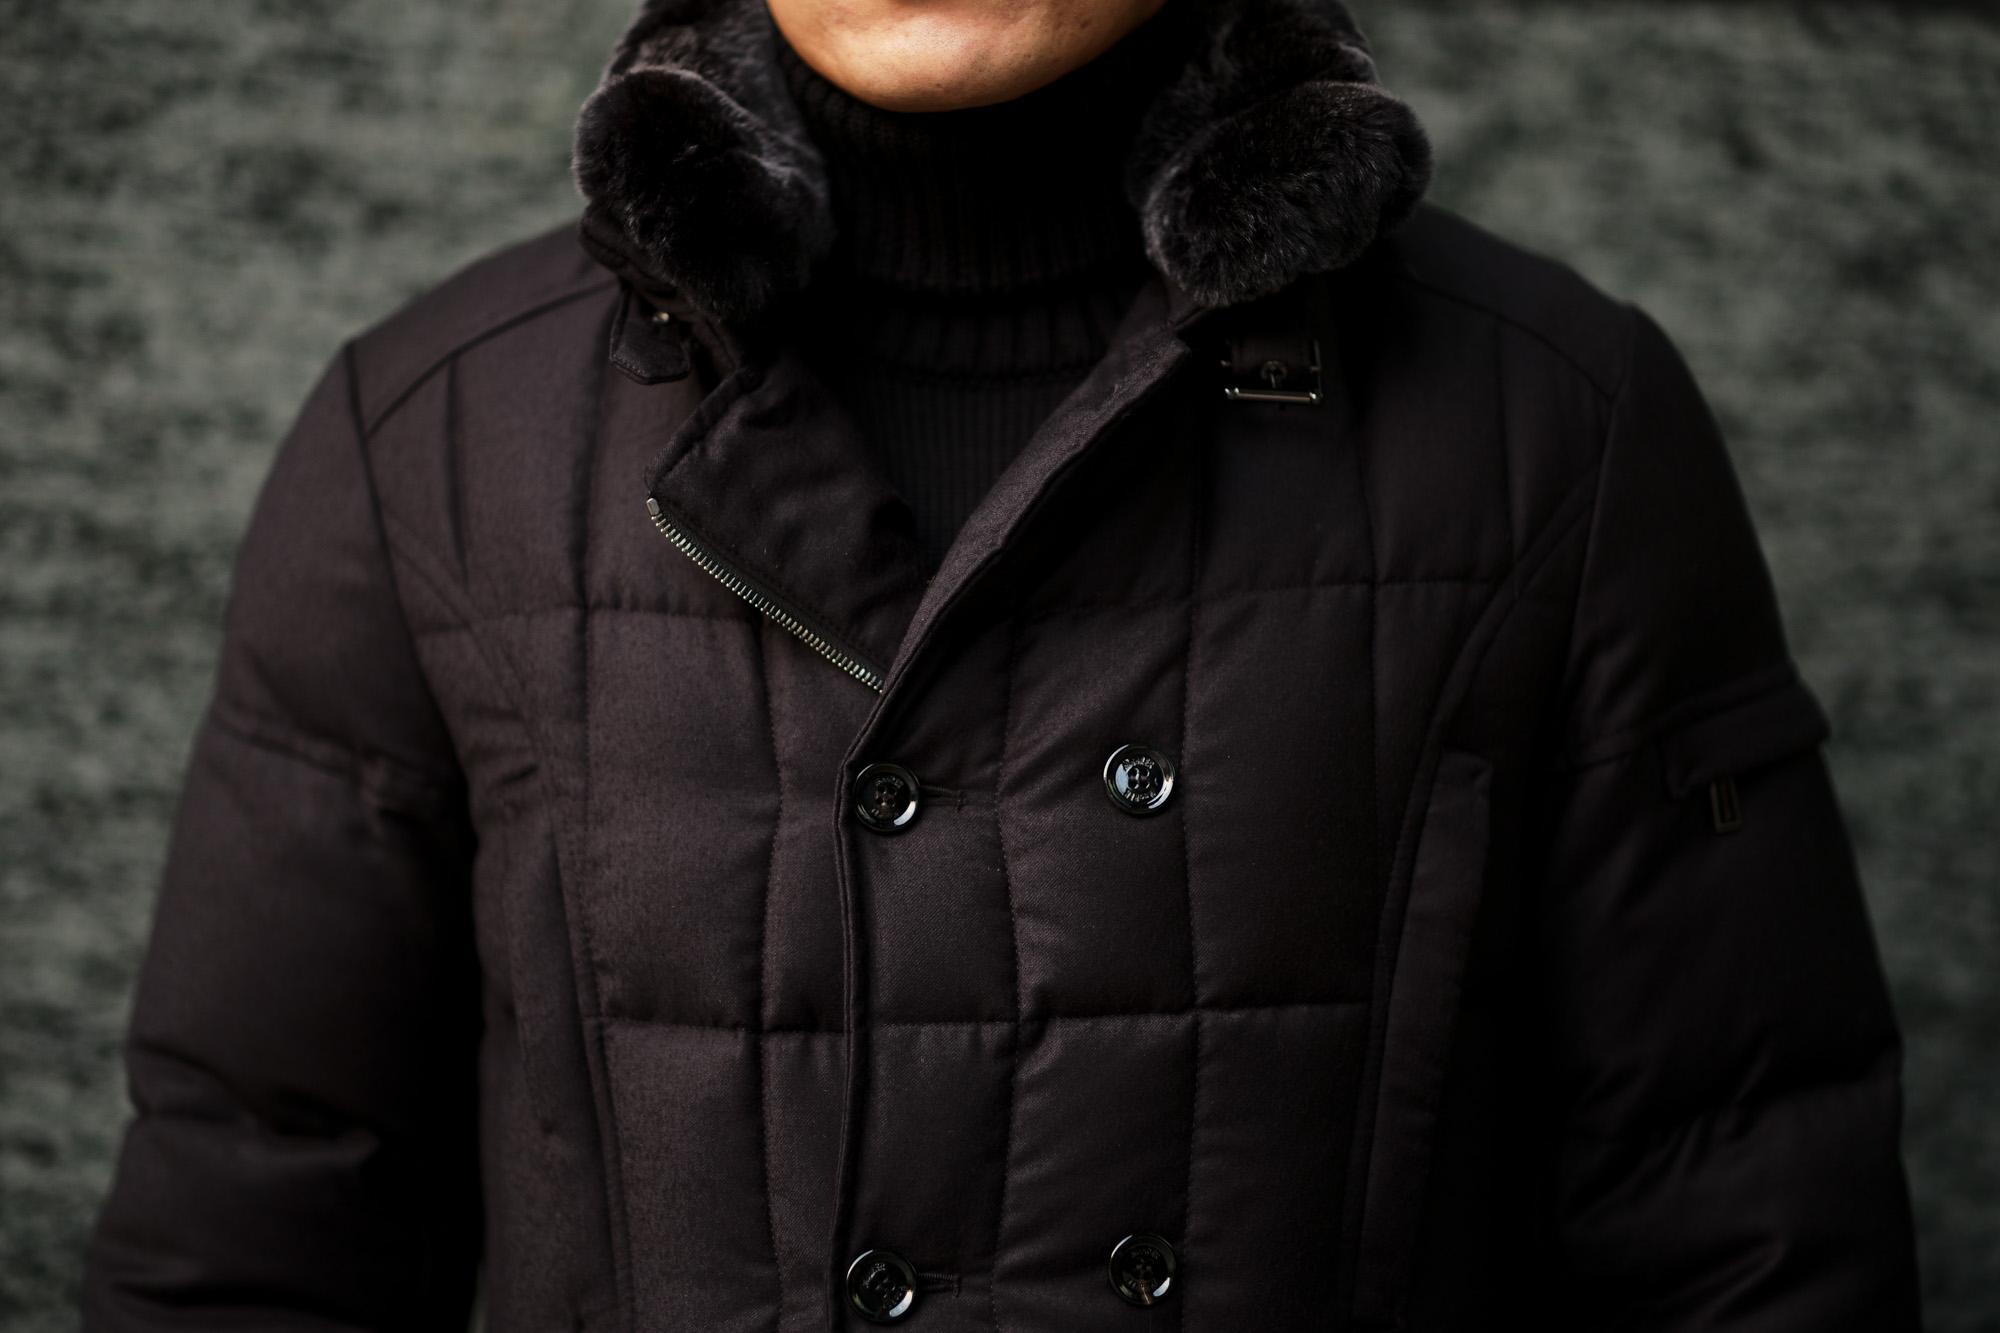 MOORER (ムーレー) SIRO-L (シロ) LoroPiana (ロロピアーナ) ウールカシミア ダブルブレスト ダウン ジャケット NERO(ブラック・08)  Made in italy (イタリア製) 【2019 秋冬分 ご予約受付中】 愛知 名古屋 altoediritto アルトエデリット